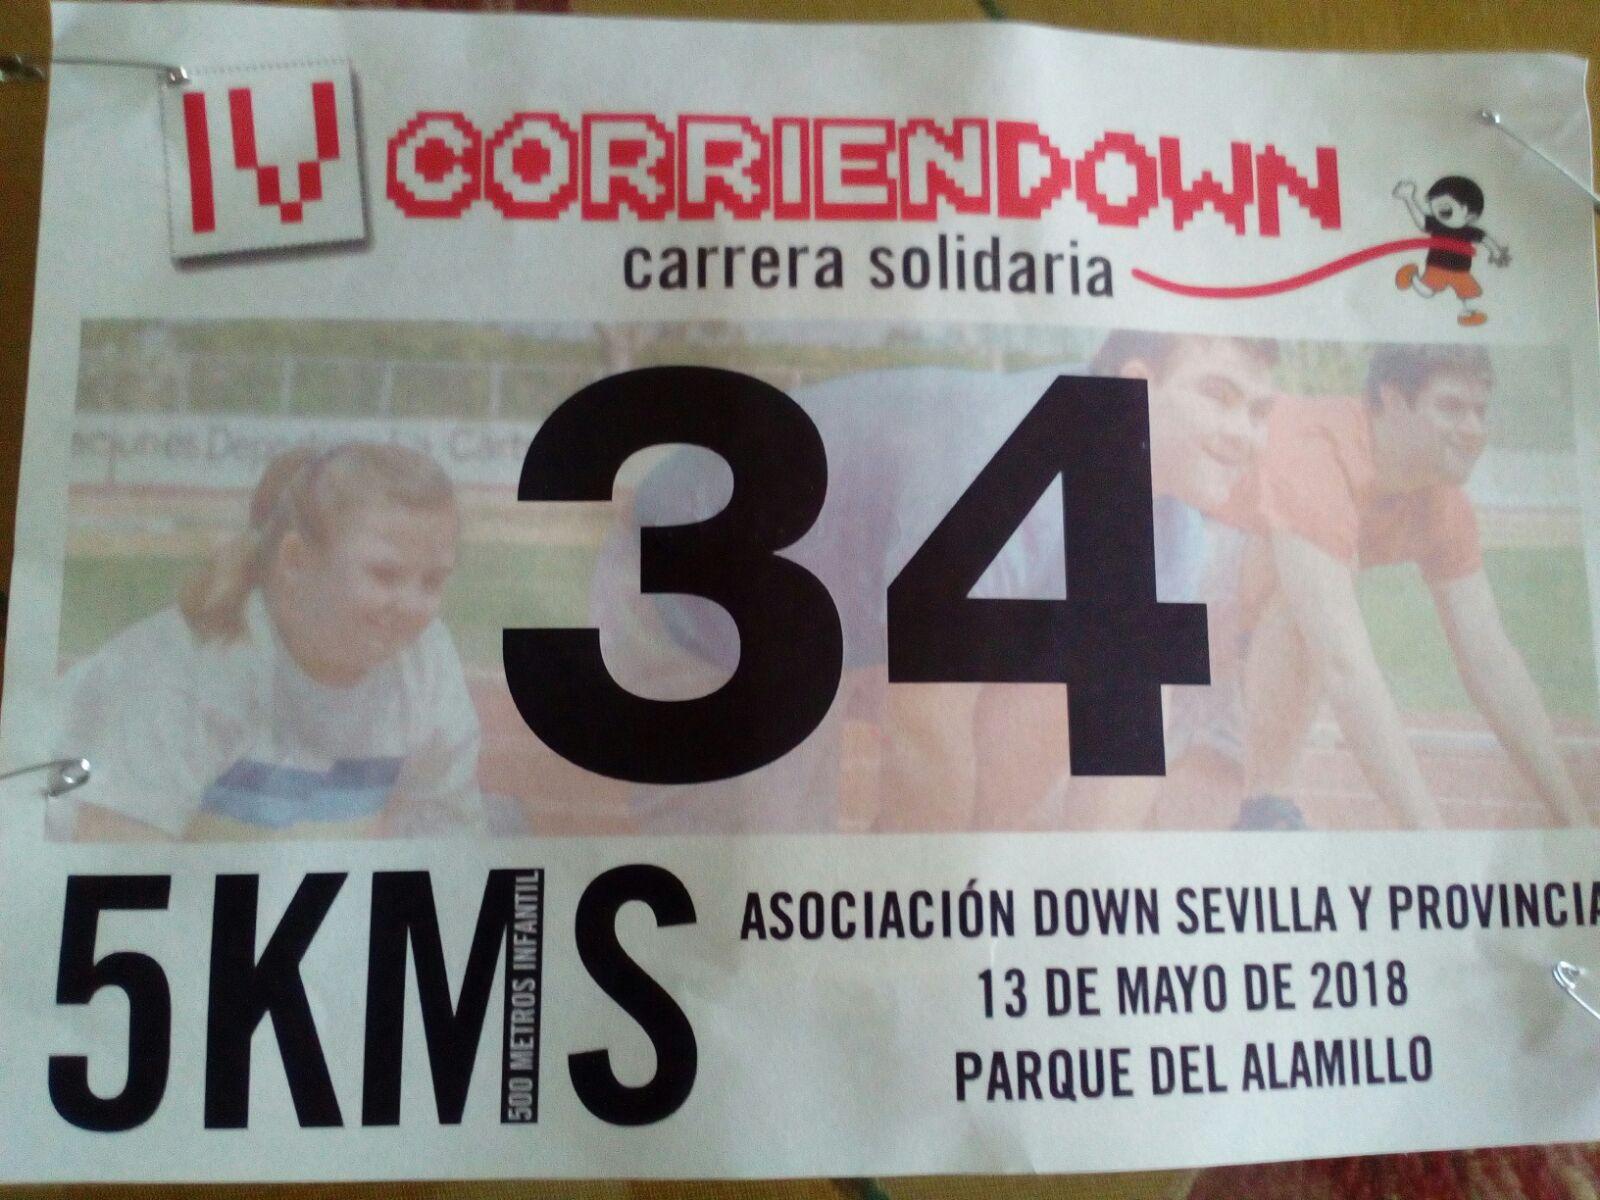 Pedro Artajo  corrió en la «IV Corriendown» disputada en Sevilla